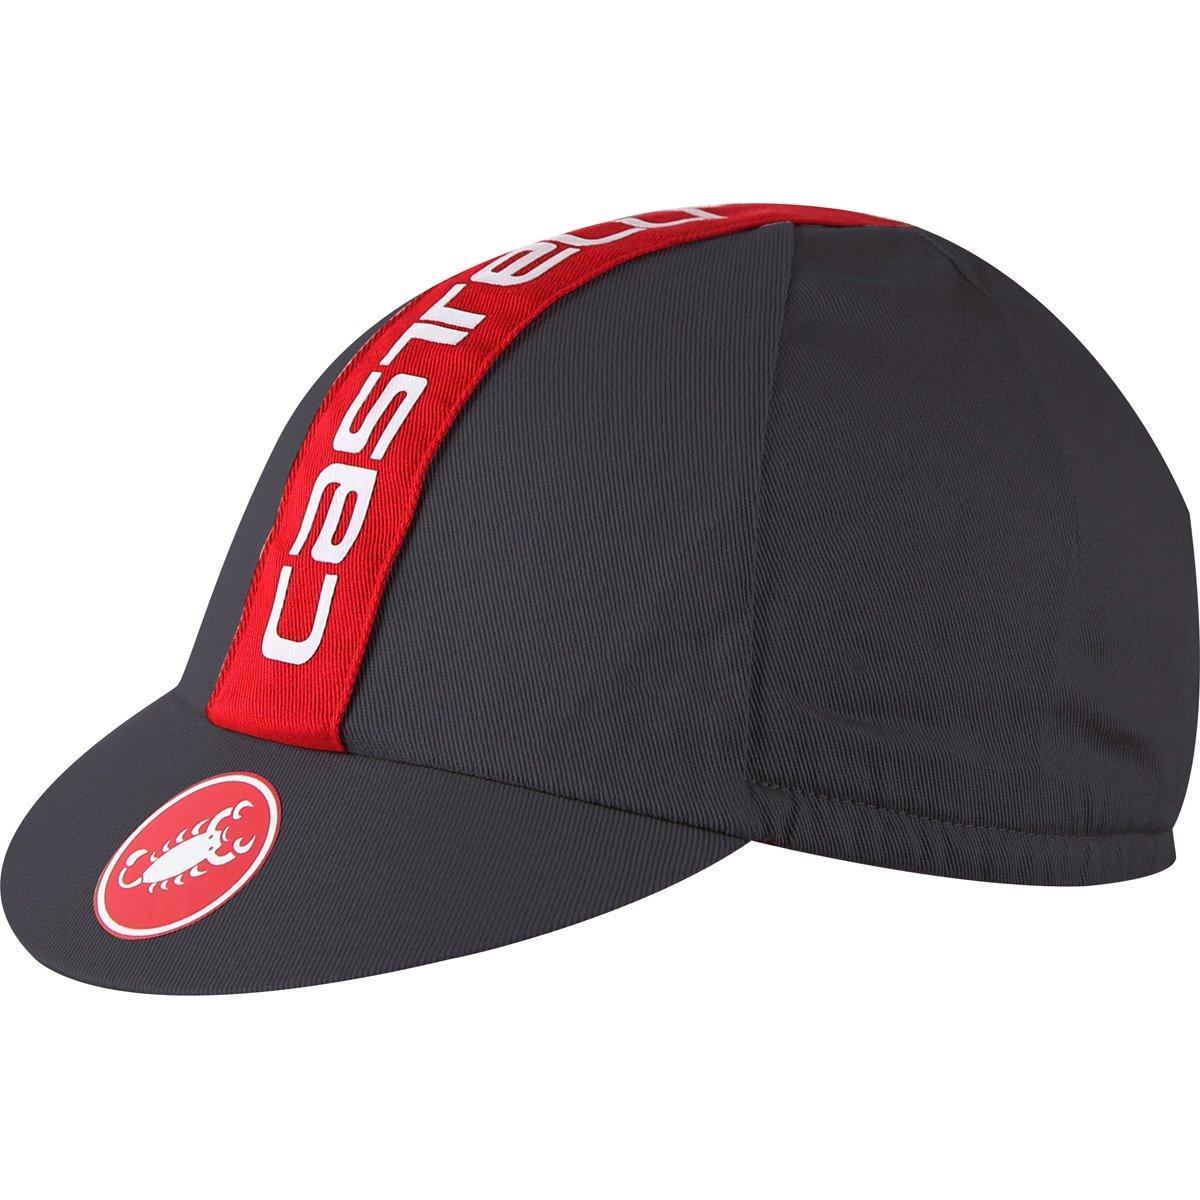 Castelli 4517048, Cap Unisex Erwachsene Einheitsgröße